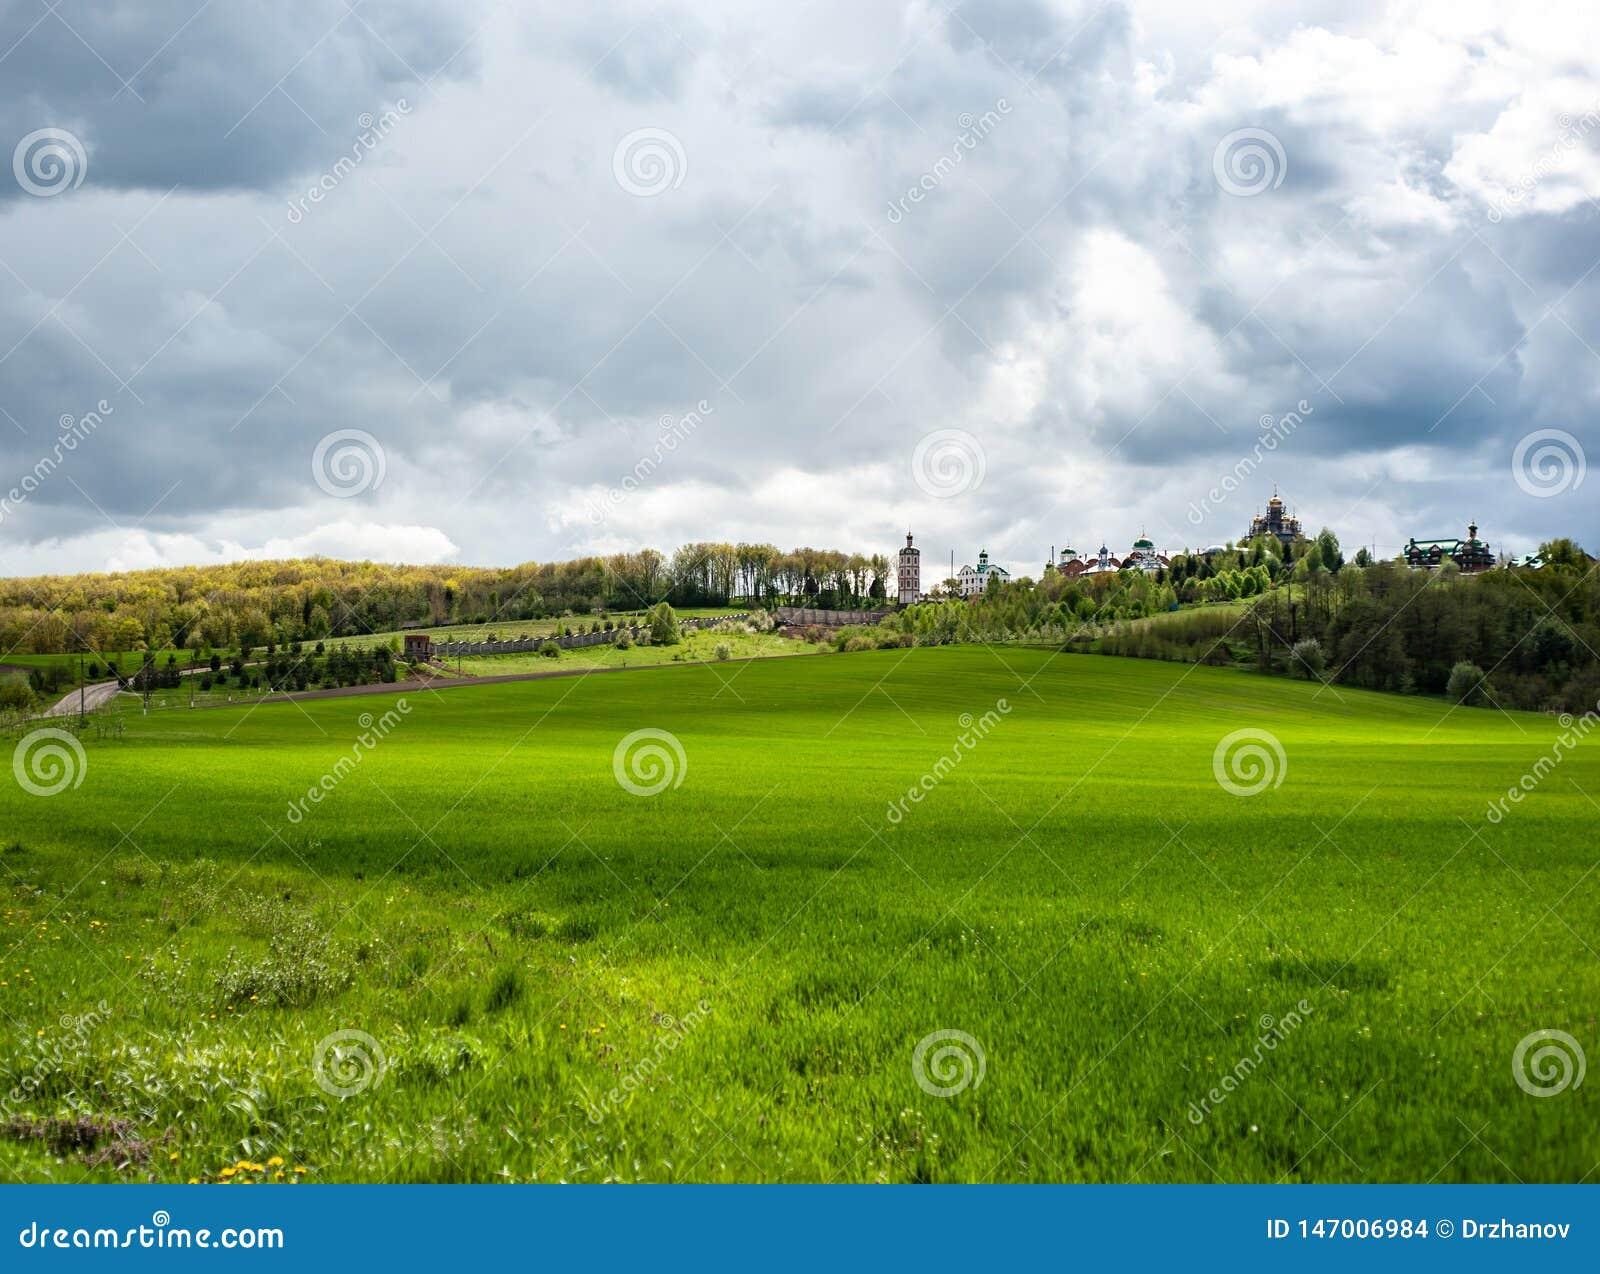 Paesaggio vistoso con l erba verde della molla, le colline e gli alberi, cielo nuvoloso